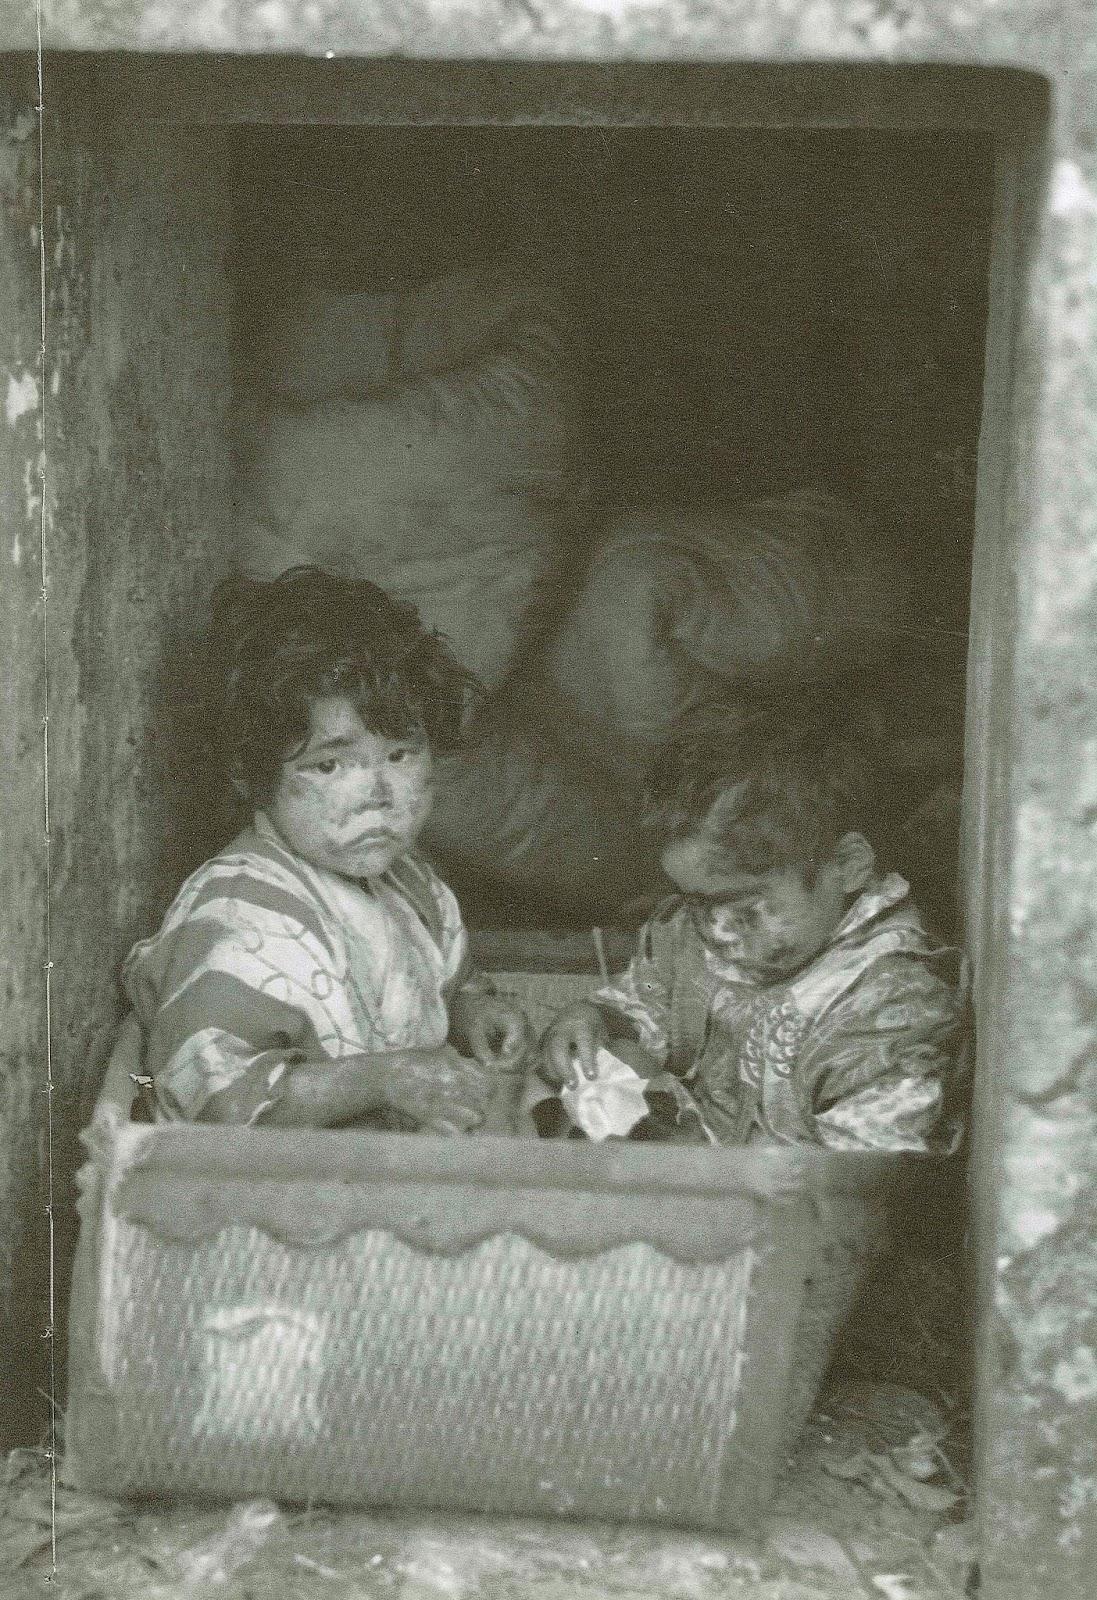 孤児 戦災